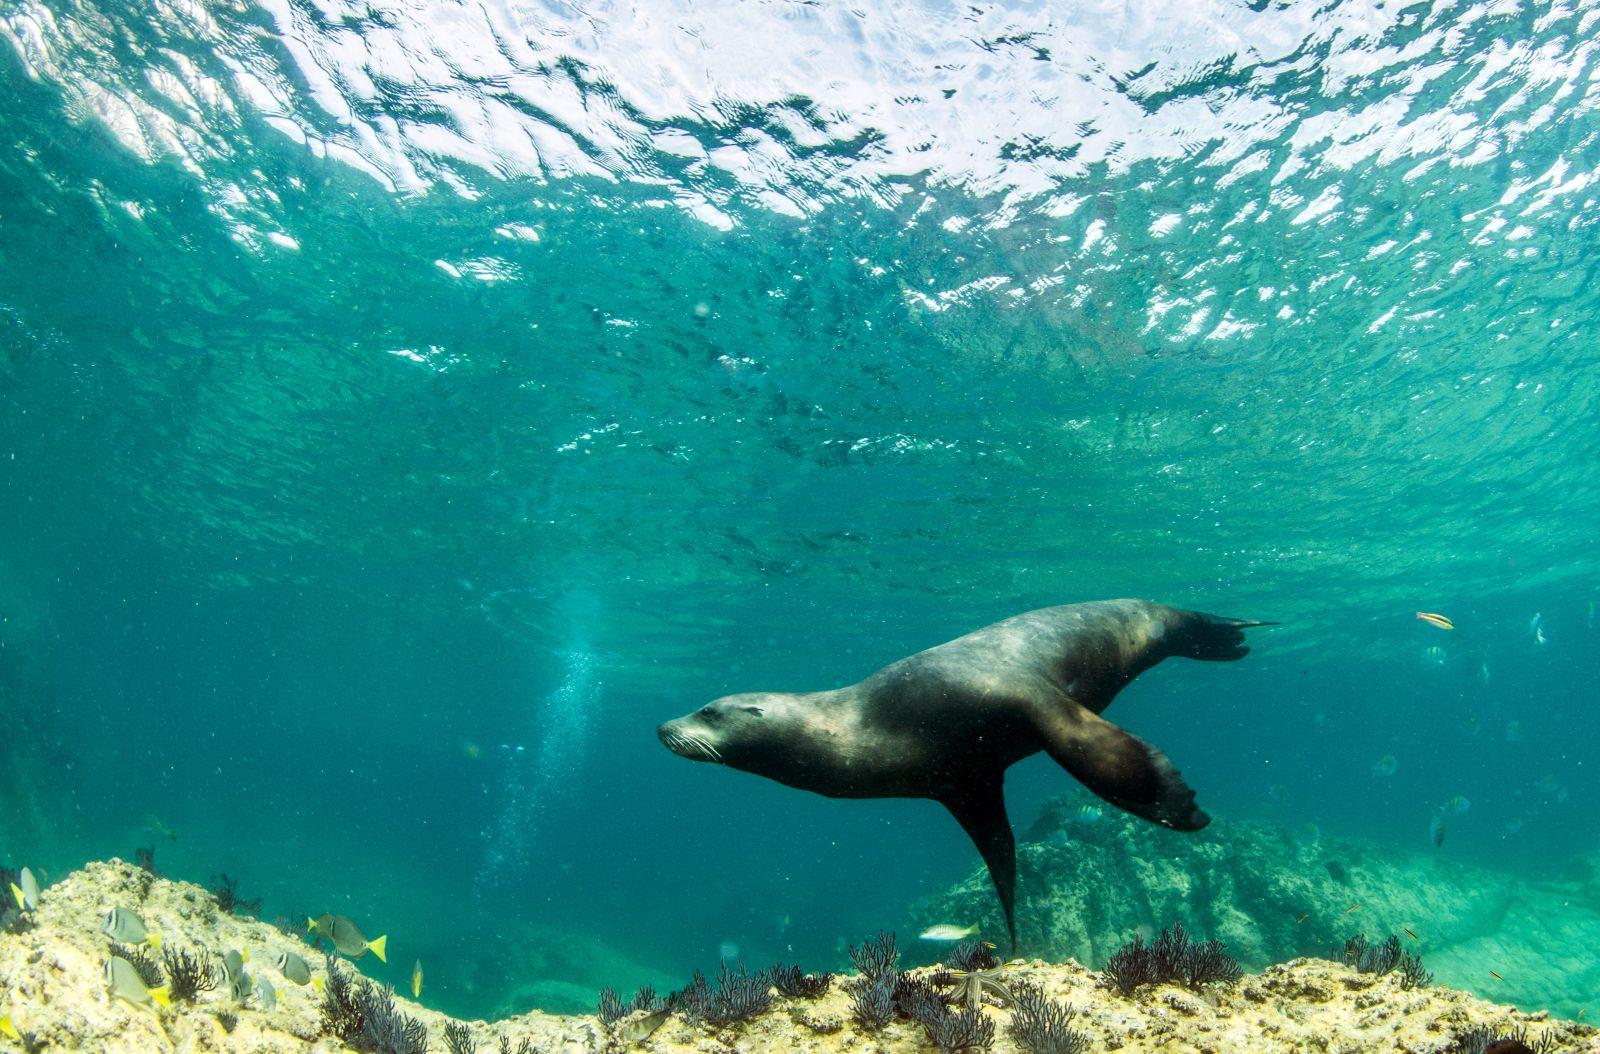 Taucher und Schnorchler werden im Golf immer wieder Seelöwen begegnen, die hier in größerer Zahl leben und selbst neugierig auf Besucher sind. ©Michael Bogner/AdobeStock